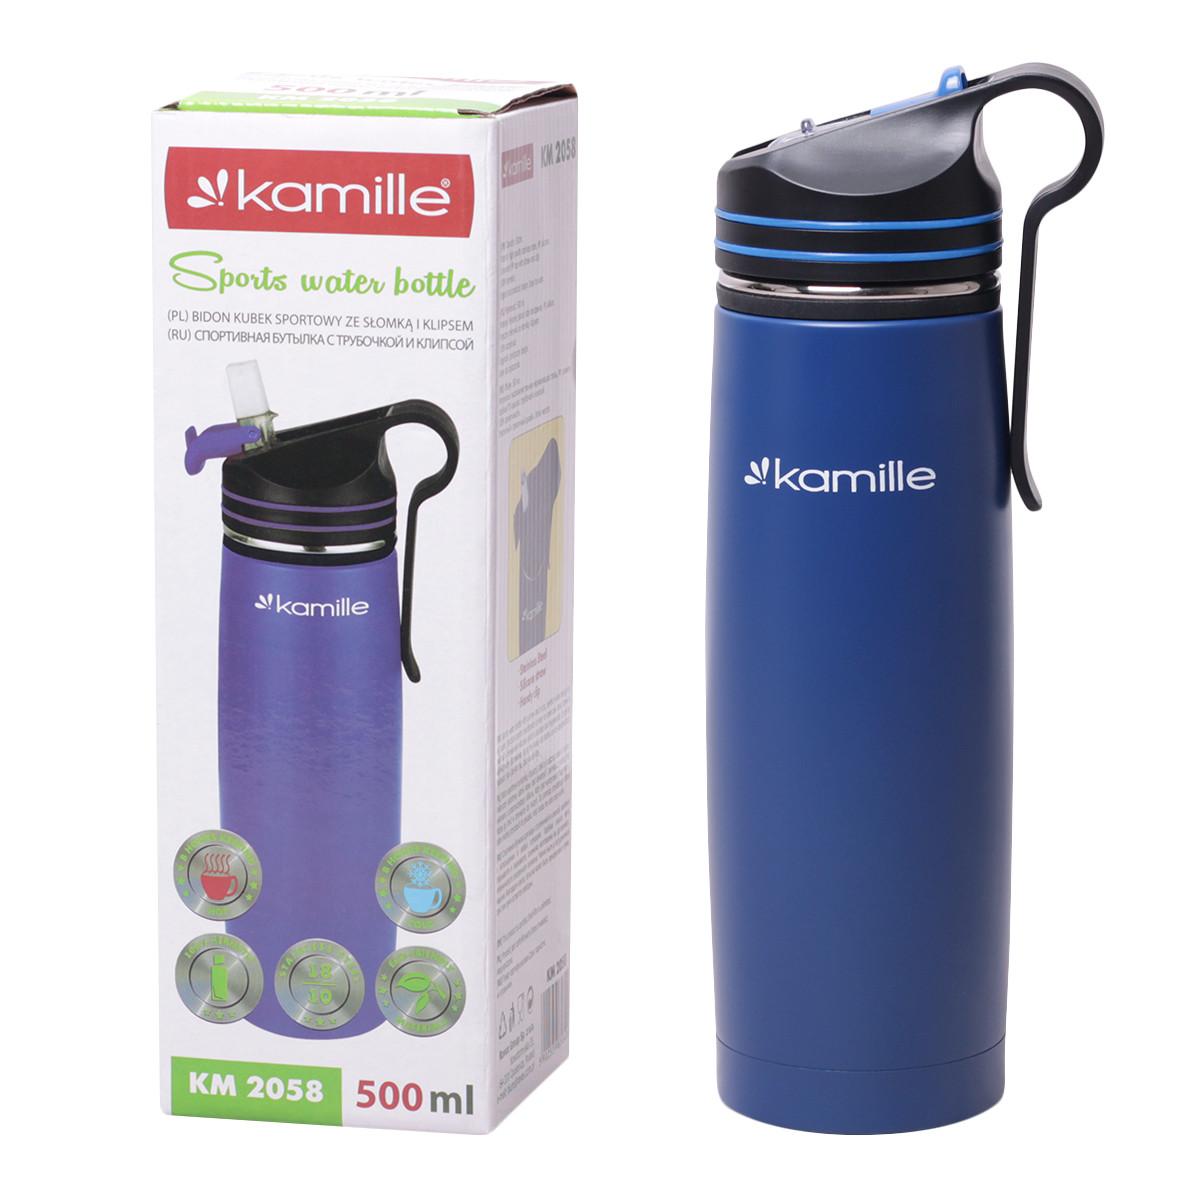 Спортивный термос-бутылка Kamille Синий 500мл из нержавеющей стали с трубочкой и клипсой KM-2058